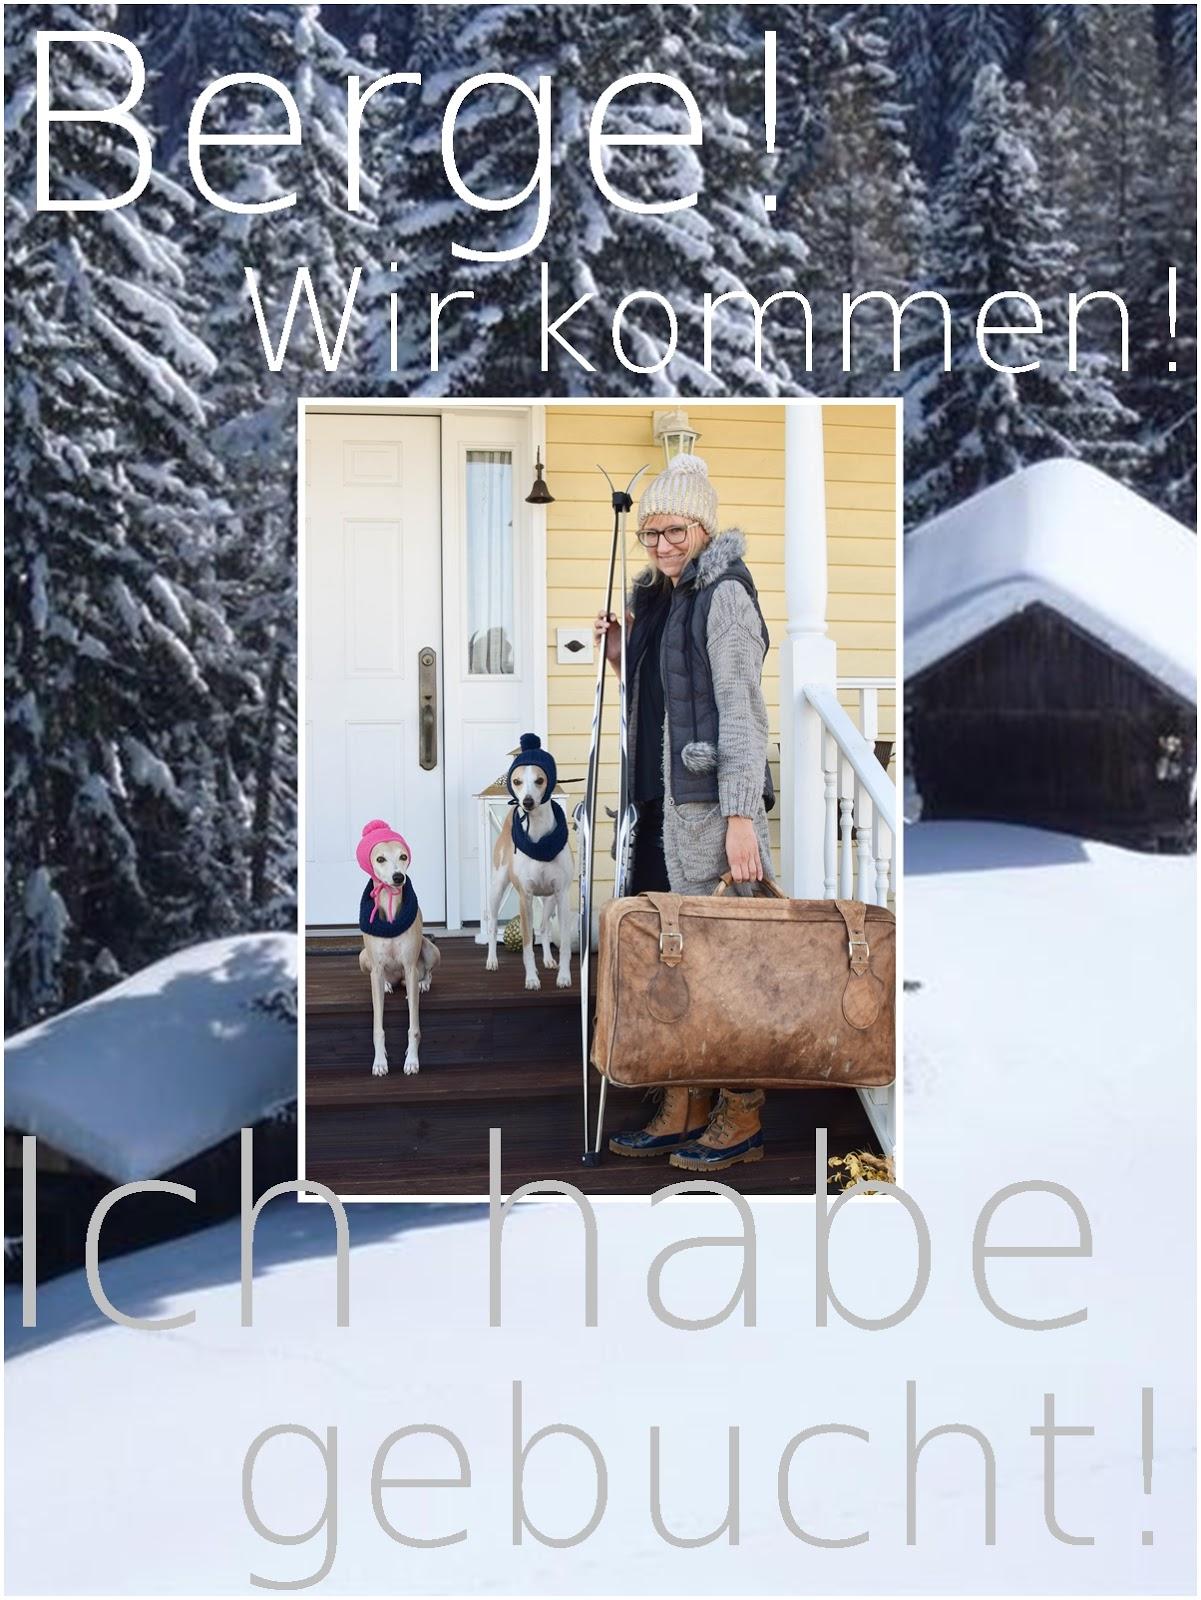 Winterurlaub: Ferienwohnung buchen mit Hund. In die Berge mit BestFewo und den Schnee genießen / Anzeige